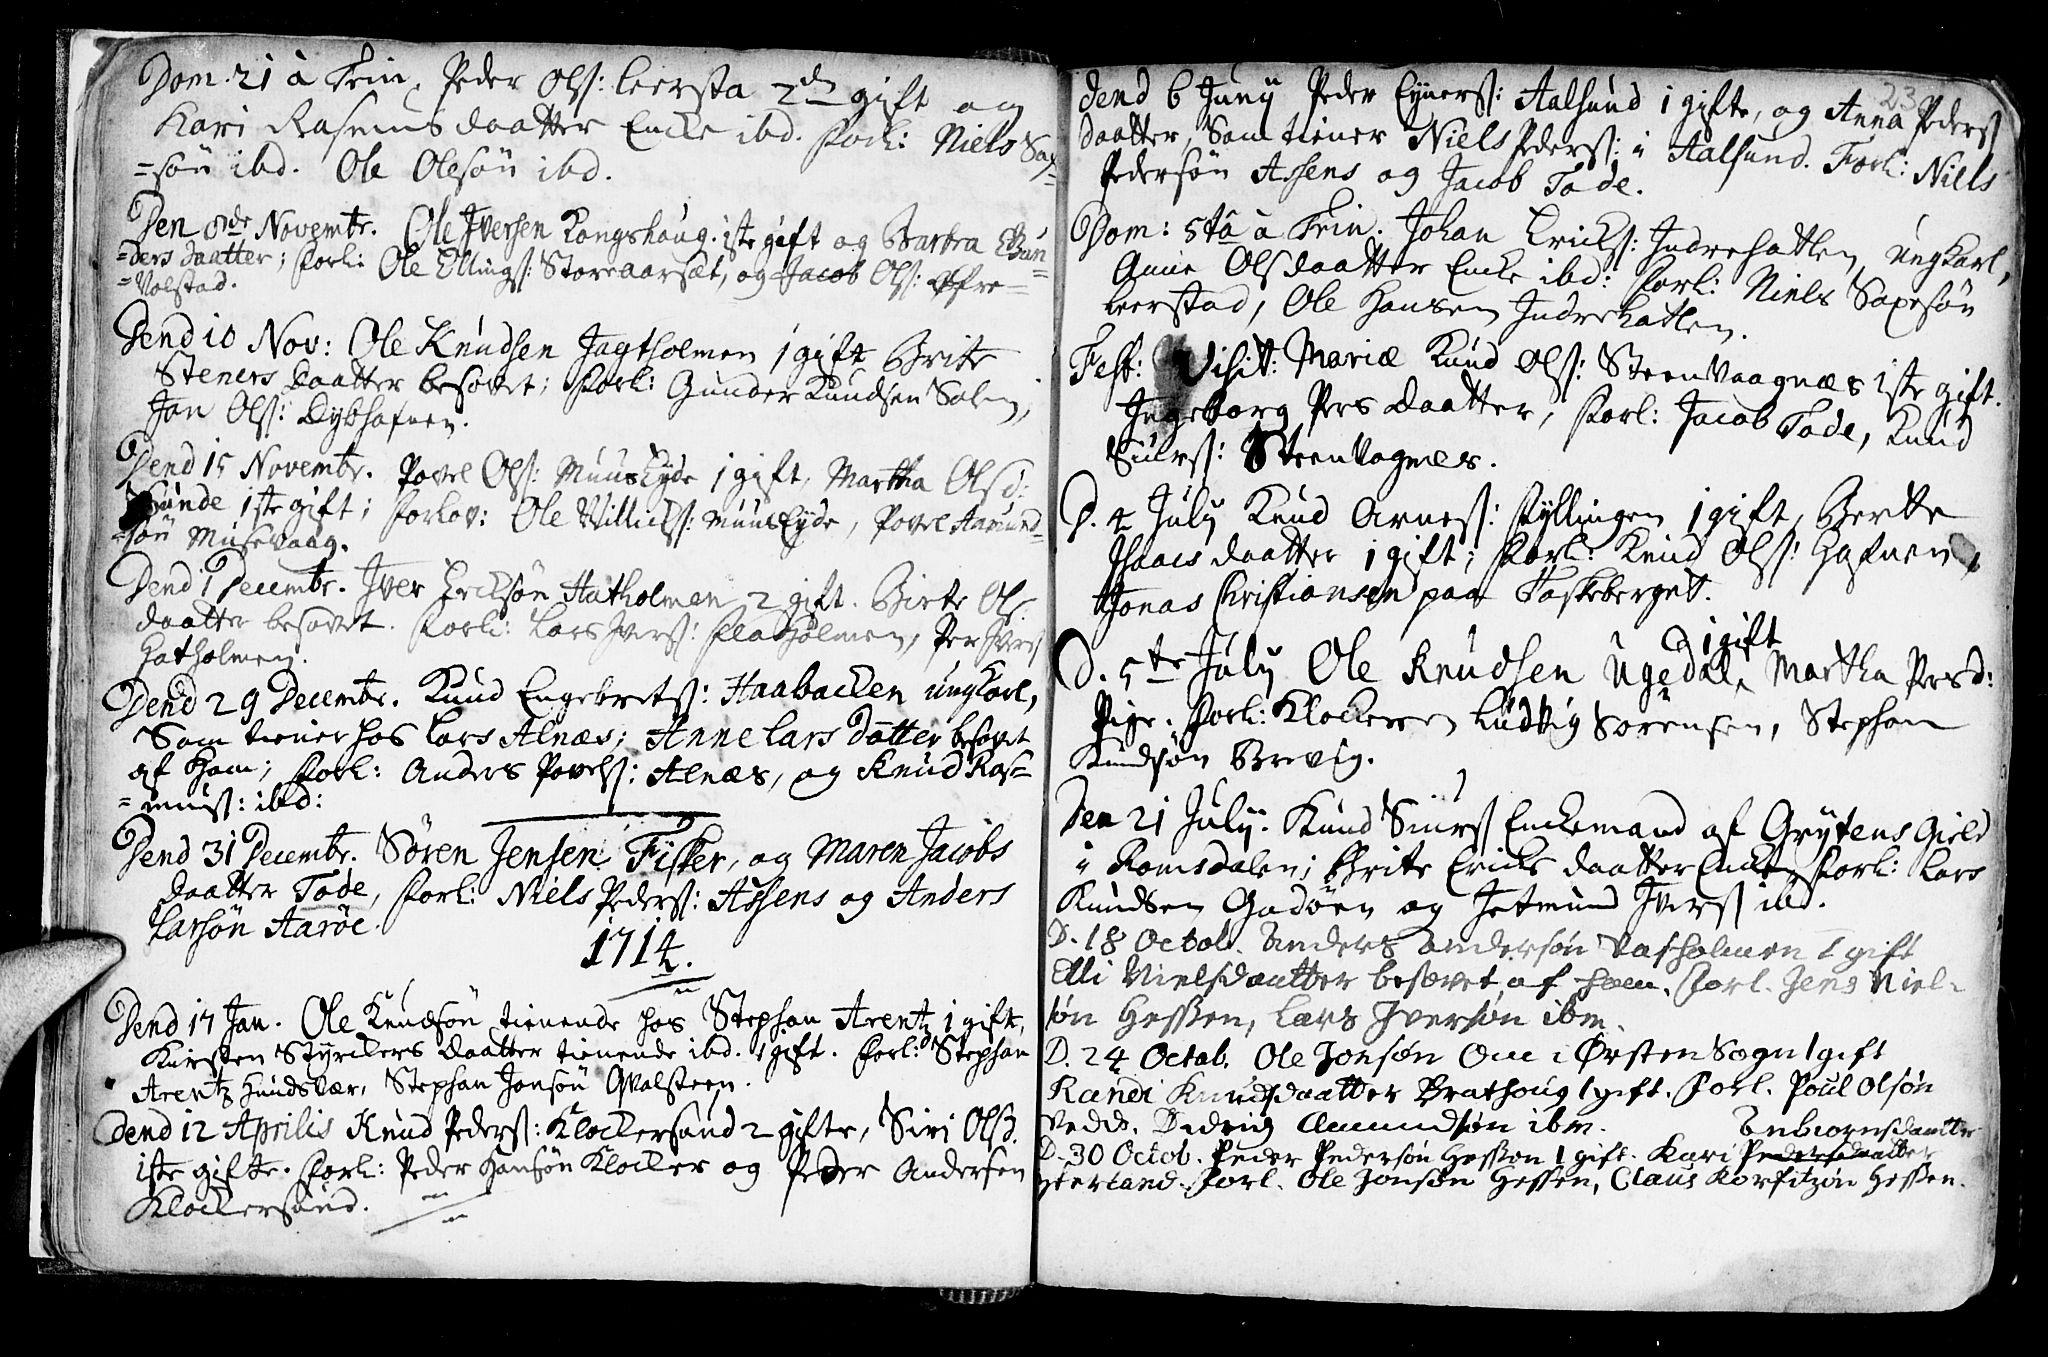 SAT, Ministerialprotokoller, klokkerbøker og fødselsregistre - Møre og Romsdal, 528/L0390: Ministerialbok nr. 528A01, 1698-1739, s. 22-23